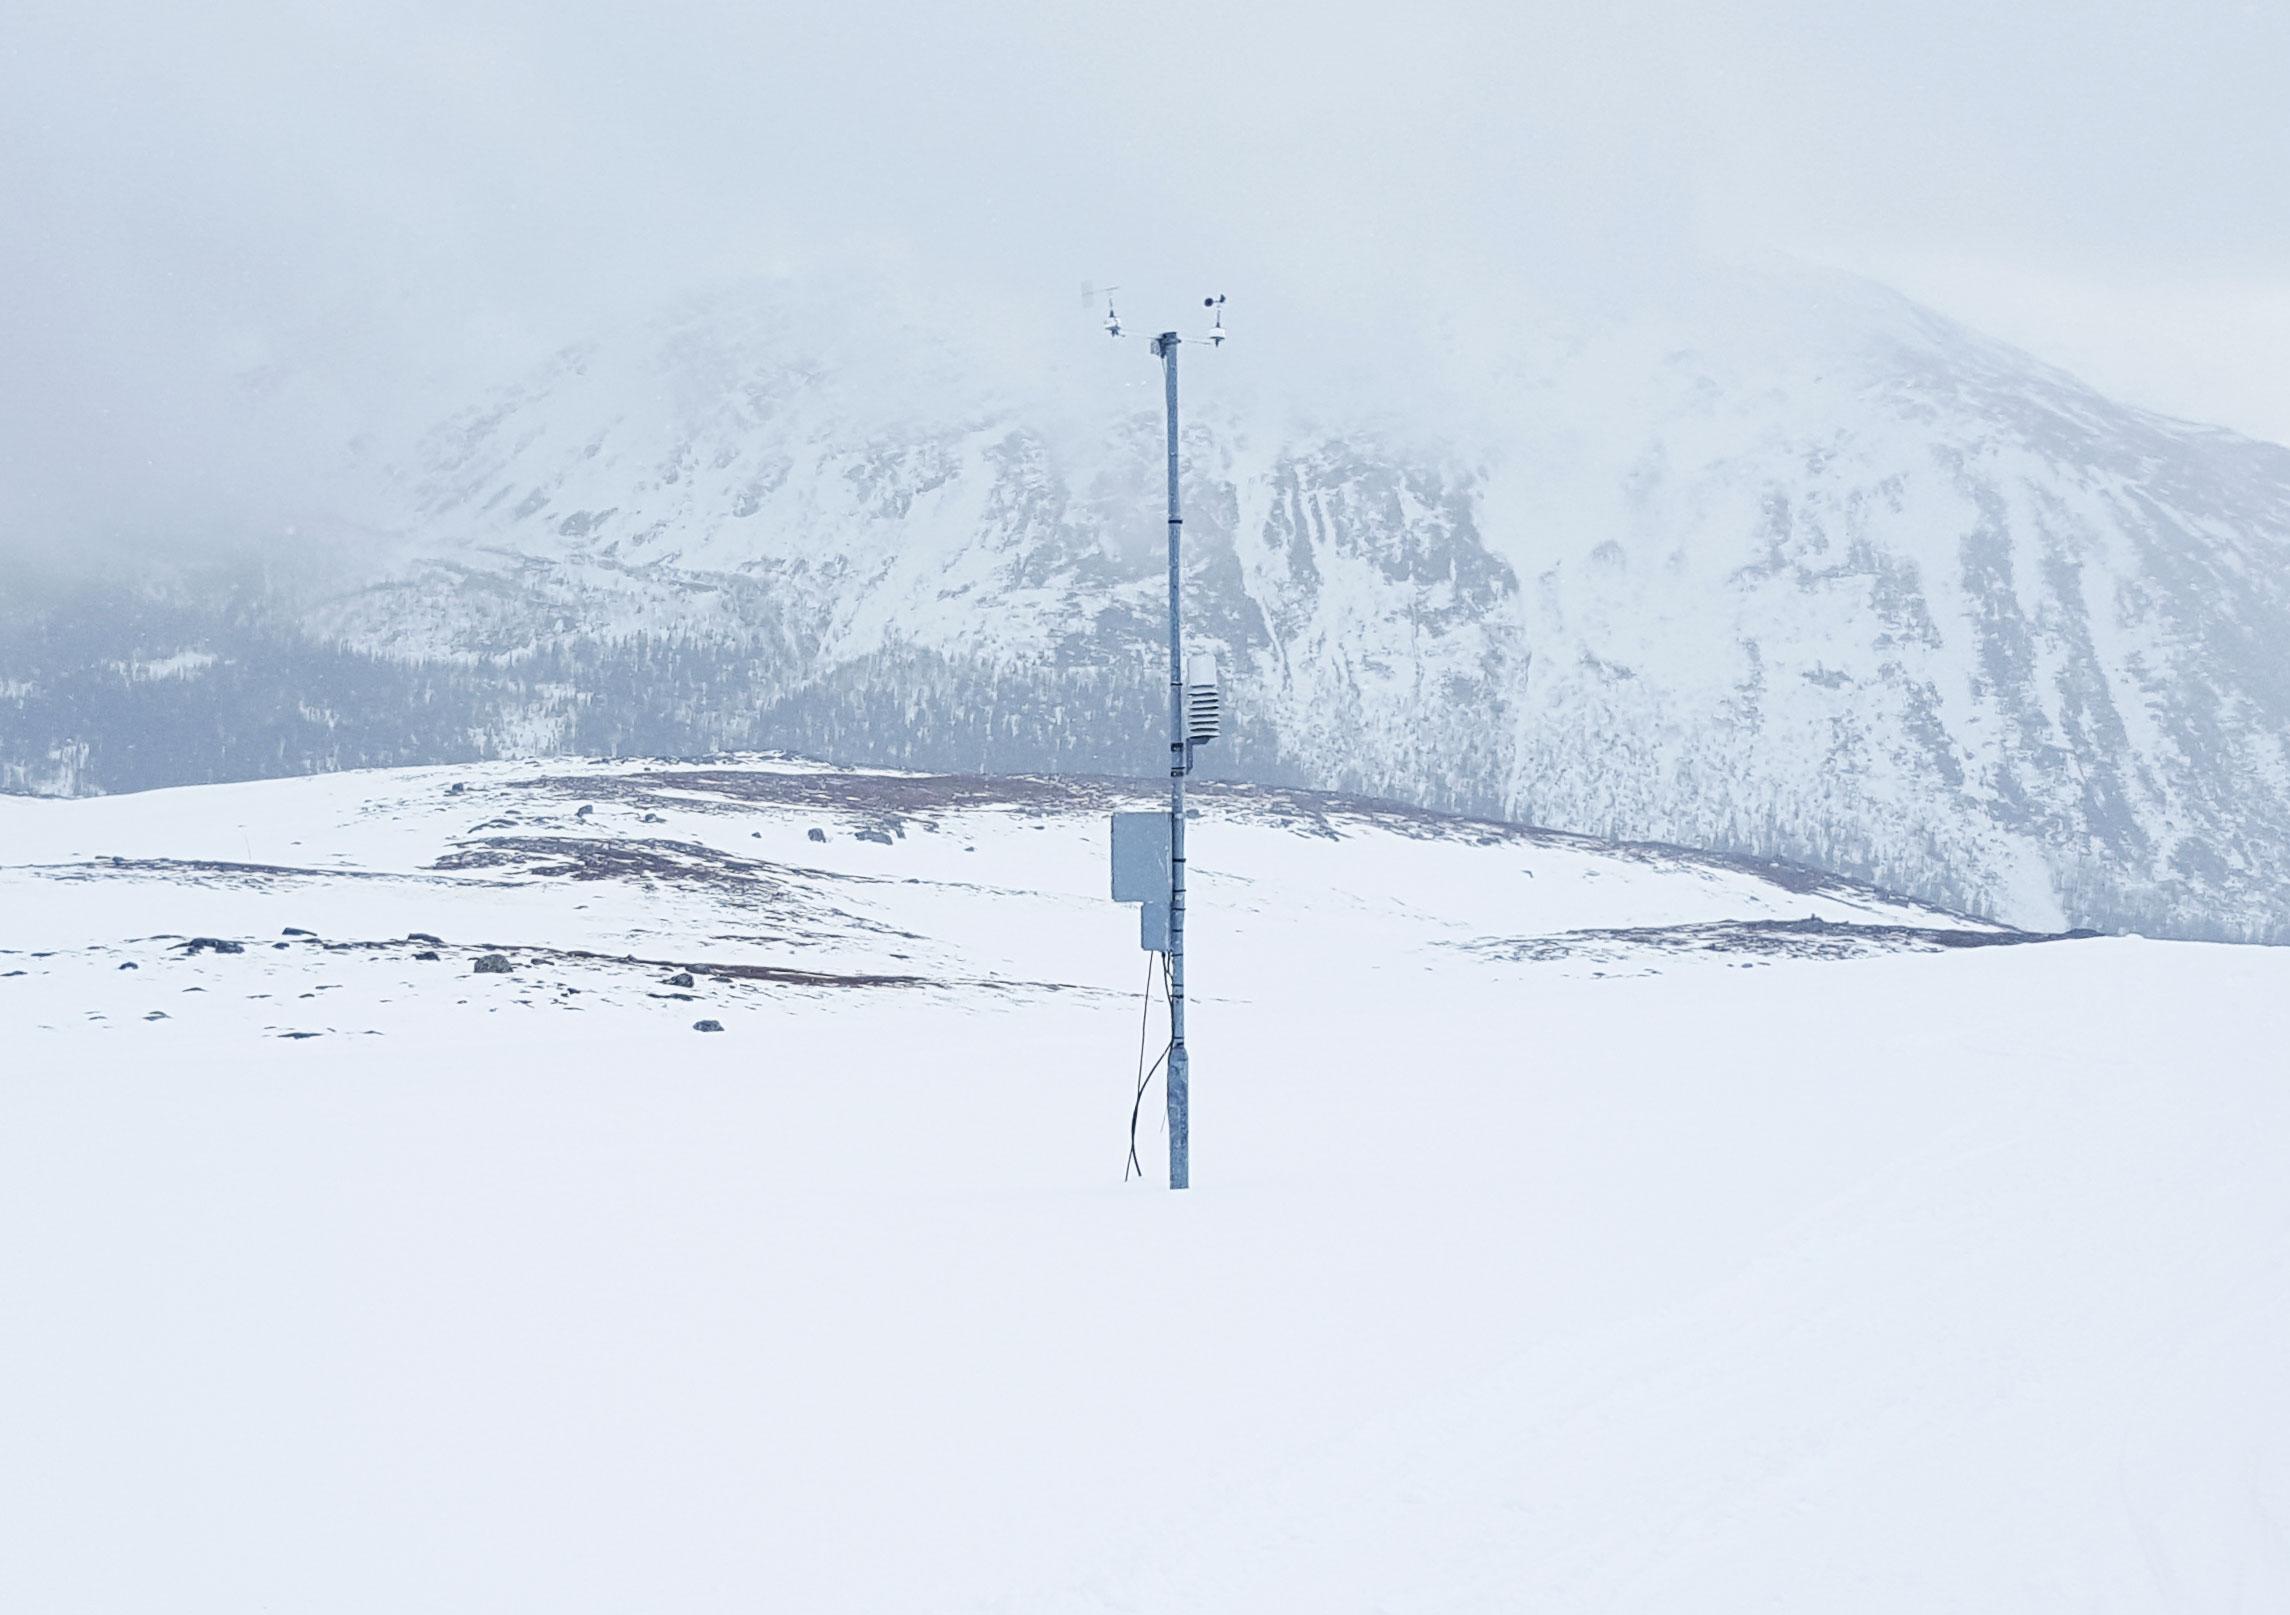 Väderstation på berget vid Bydalens skidanläggning.